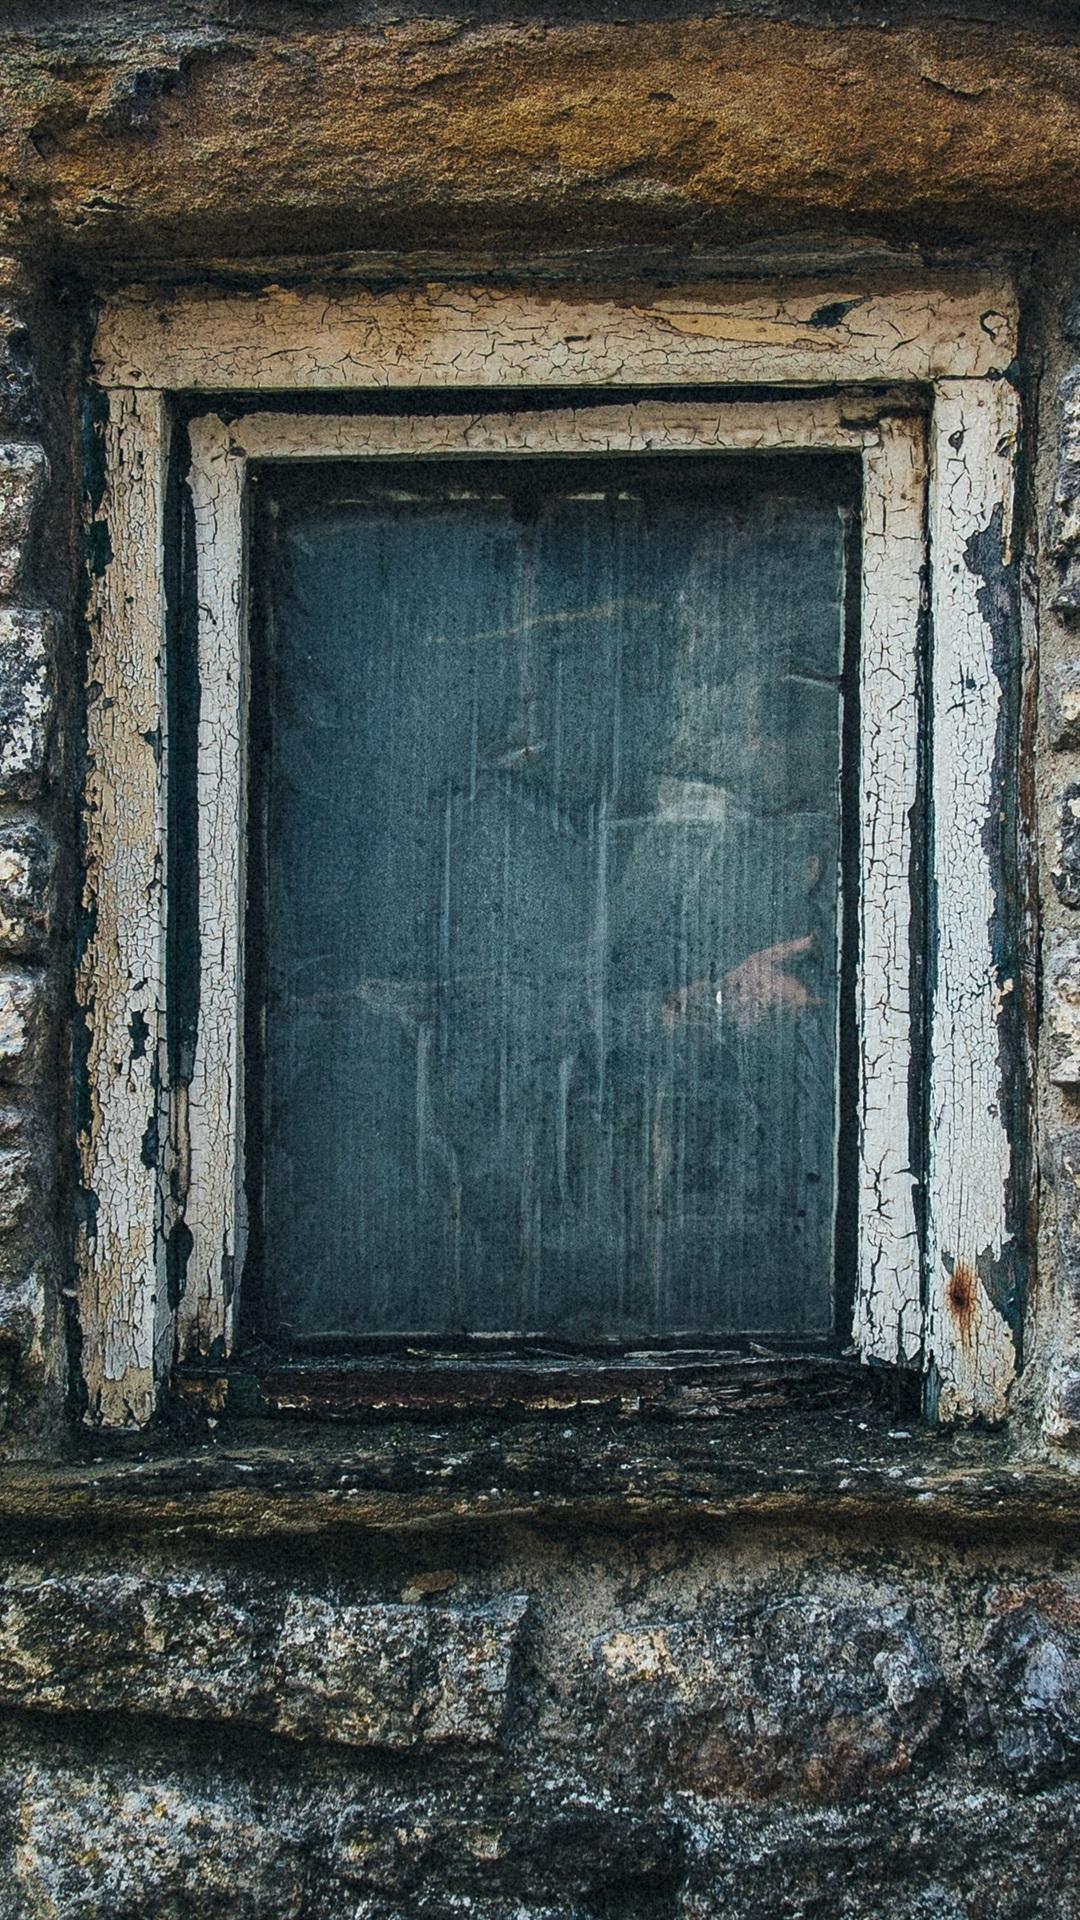 石の壁 窓 1080x1920 Iphone 8 7 6 6s Plus 壁紙 背景 画像